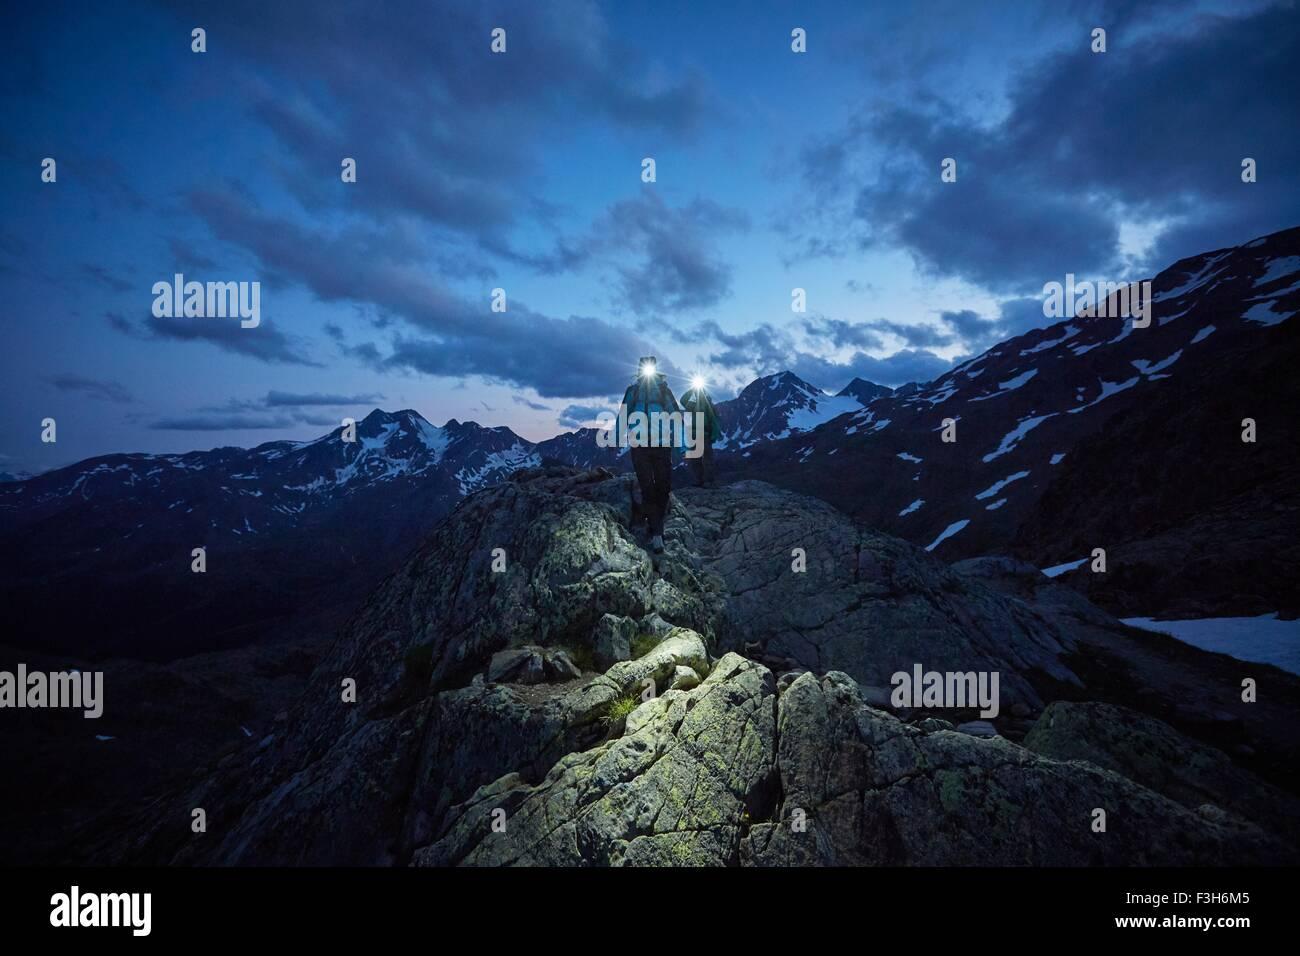 Coppia giovane escursionismo di notte indossando i proiettori, Funivie Ghiacciai Val Senales, Val Senales Alto Adige Immagini Stock